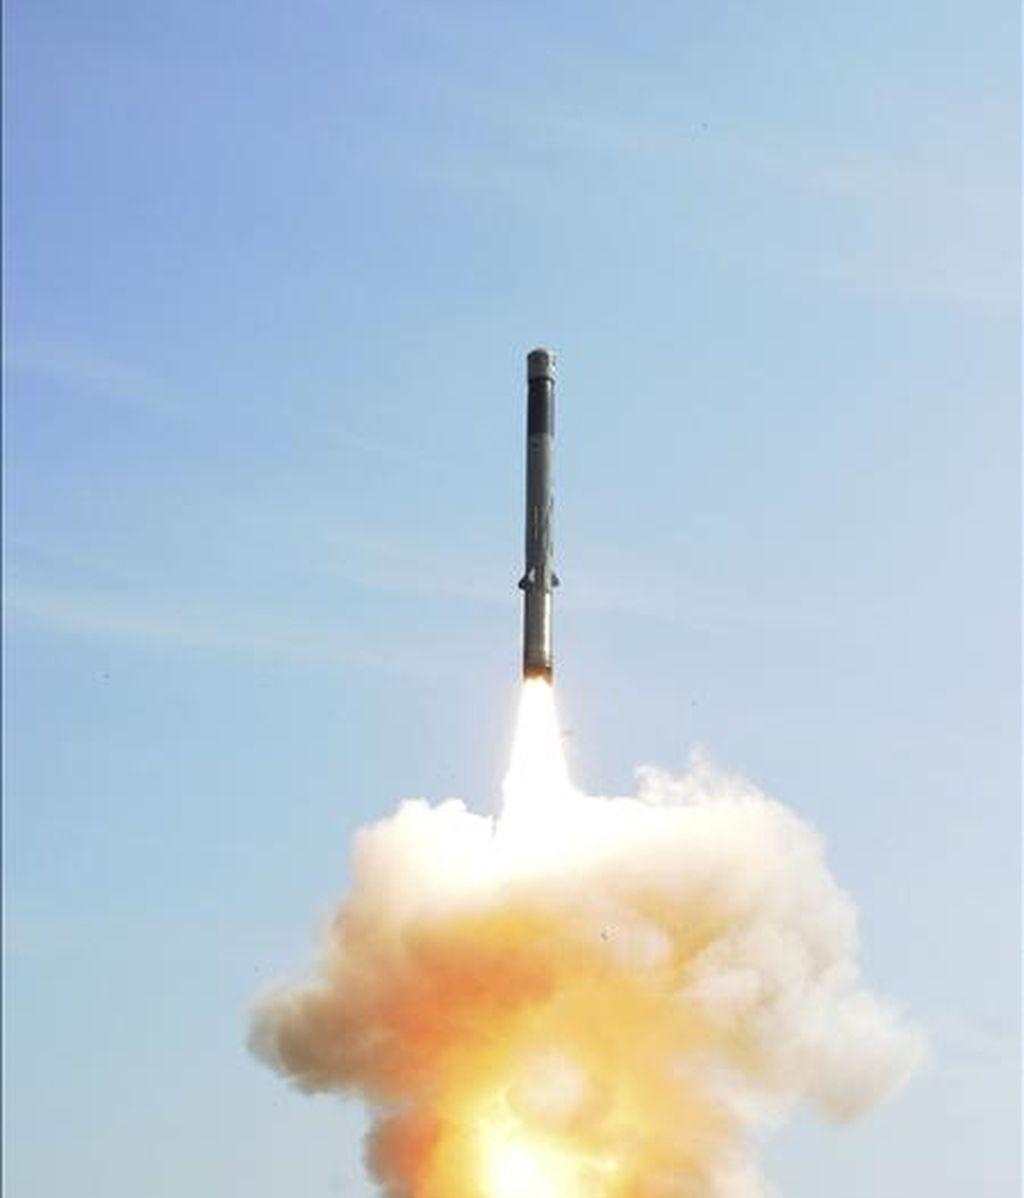 En la imagen, facilitada por la Organización de Investigación y Desarrollo en Defensa (DRDO), que muestra al nuevo el misil de crucero BrahMos durante su lanzamiento desde una plataforma móvil en la costa oriental de Orissa, India. EFE/Archivo